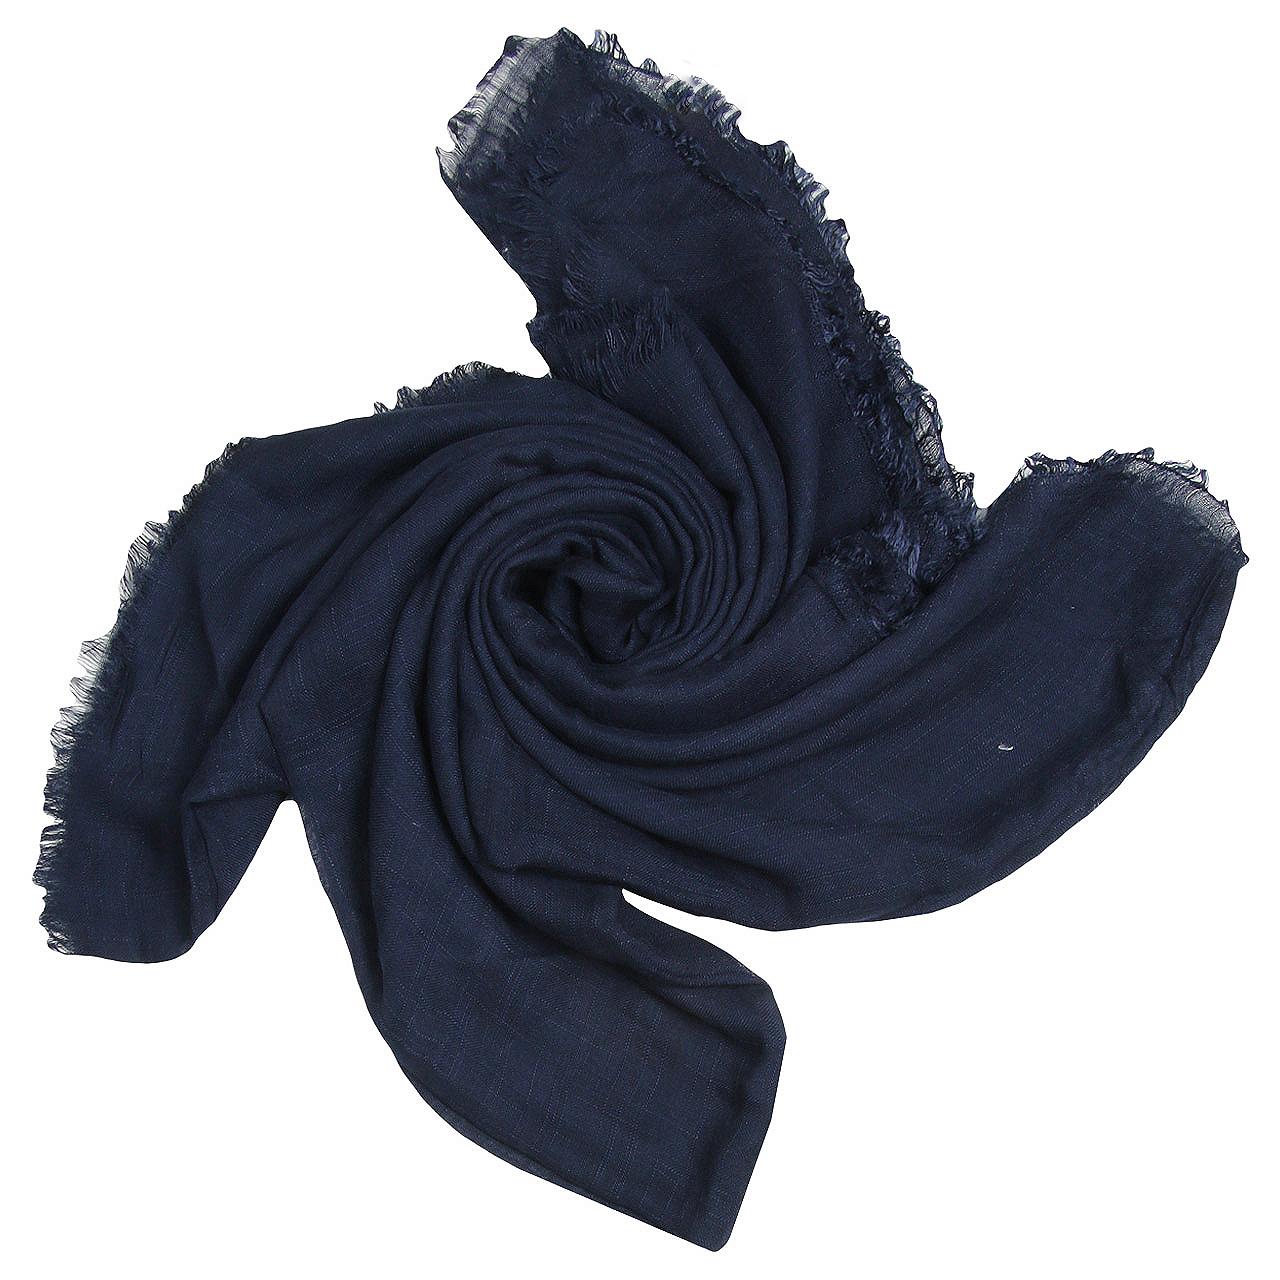 خرید                      روسری قواره بزرگ زنانه کد 286000714